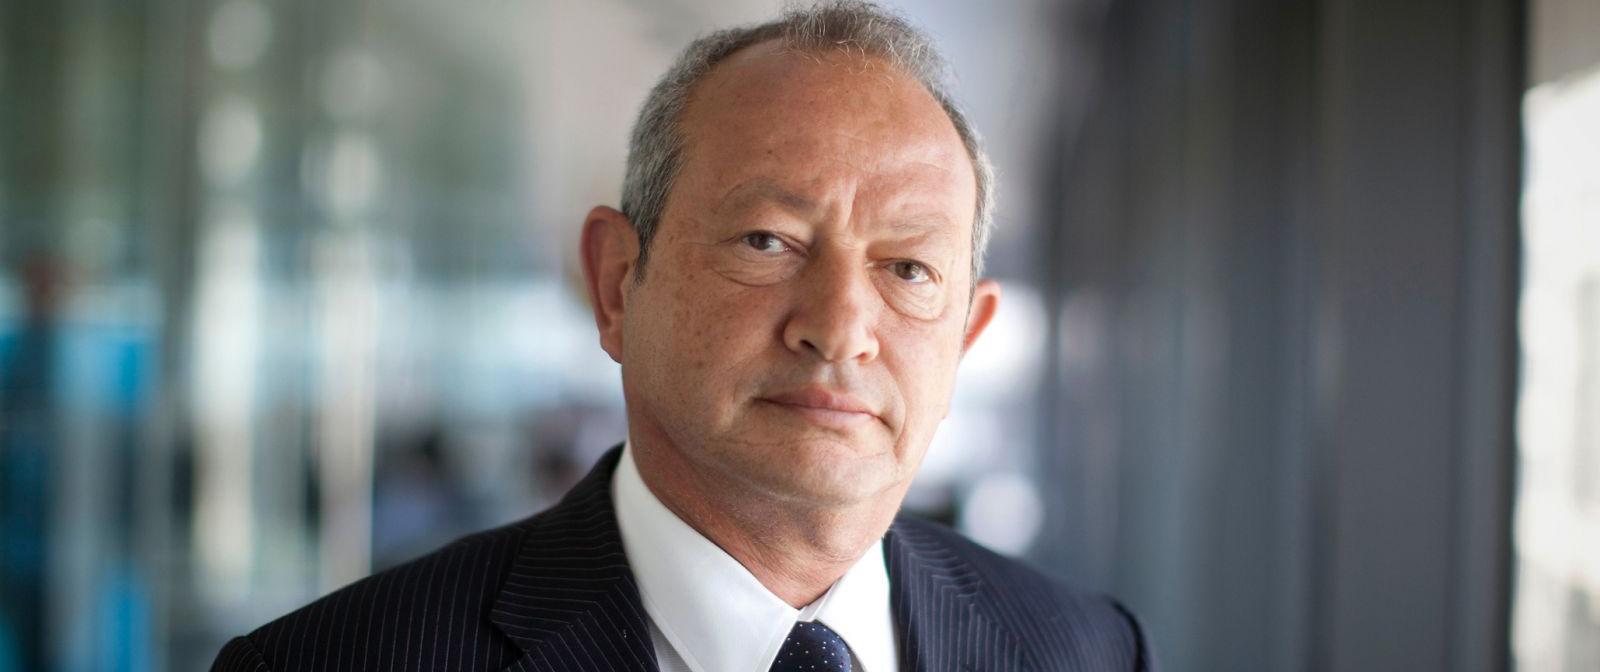 -لجنة خاصة لدراسة طعن ساويرس ضد الجزائر